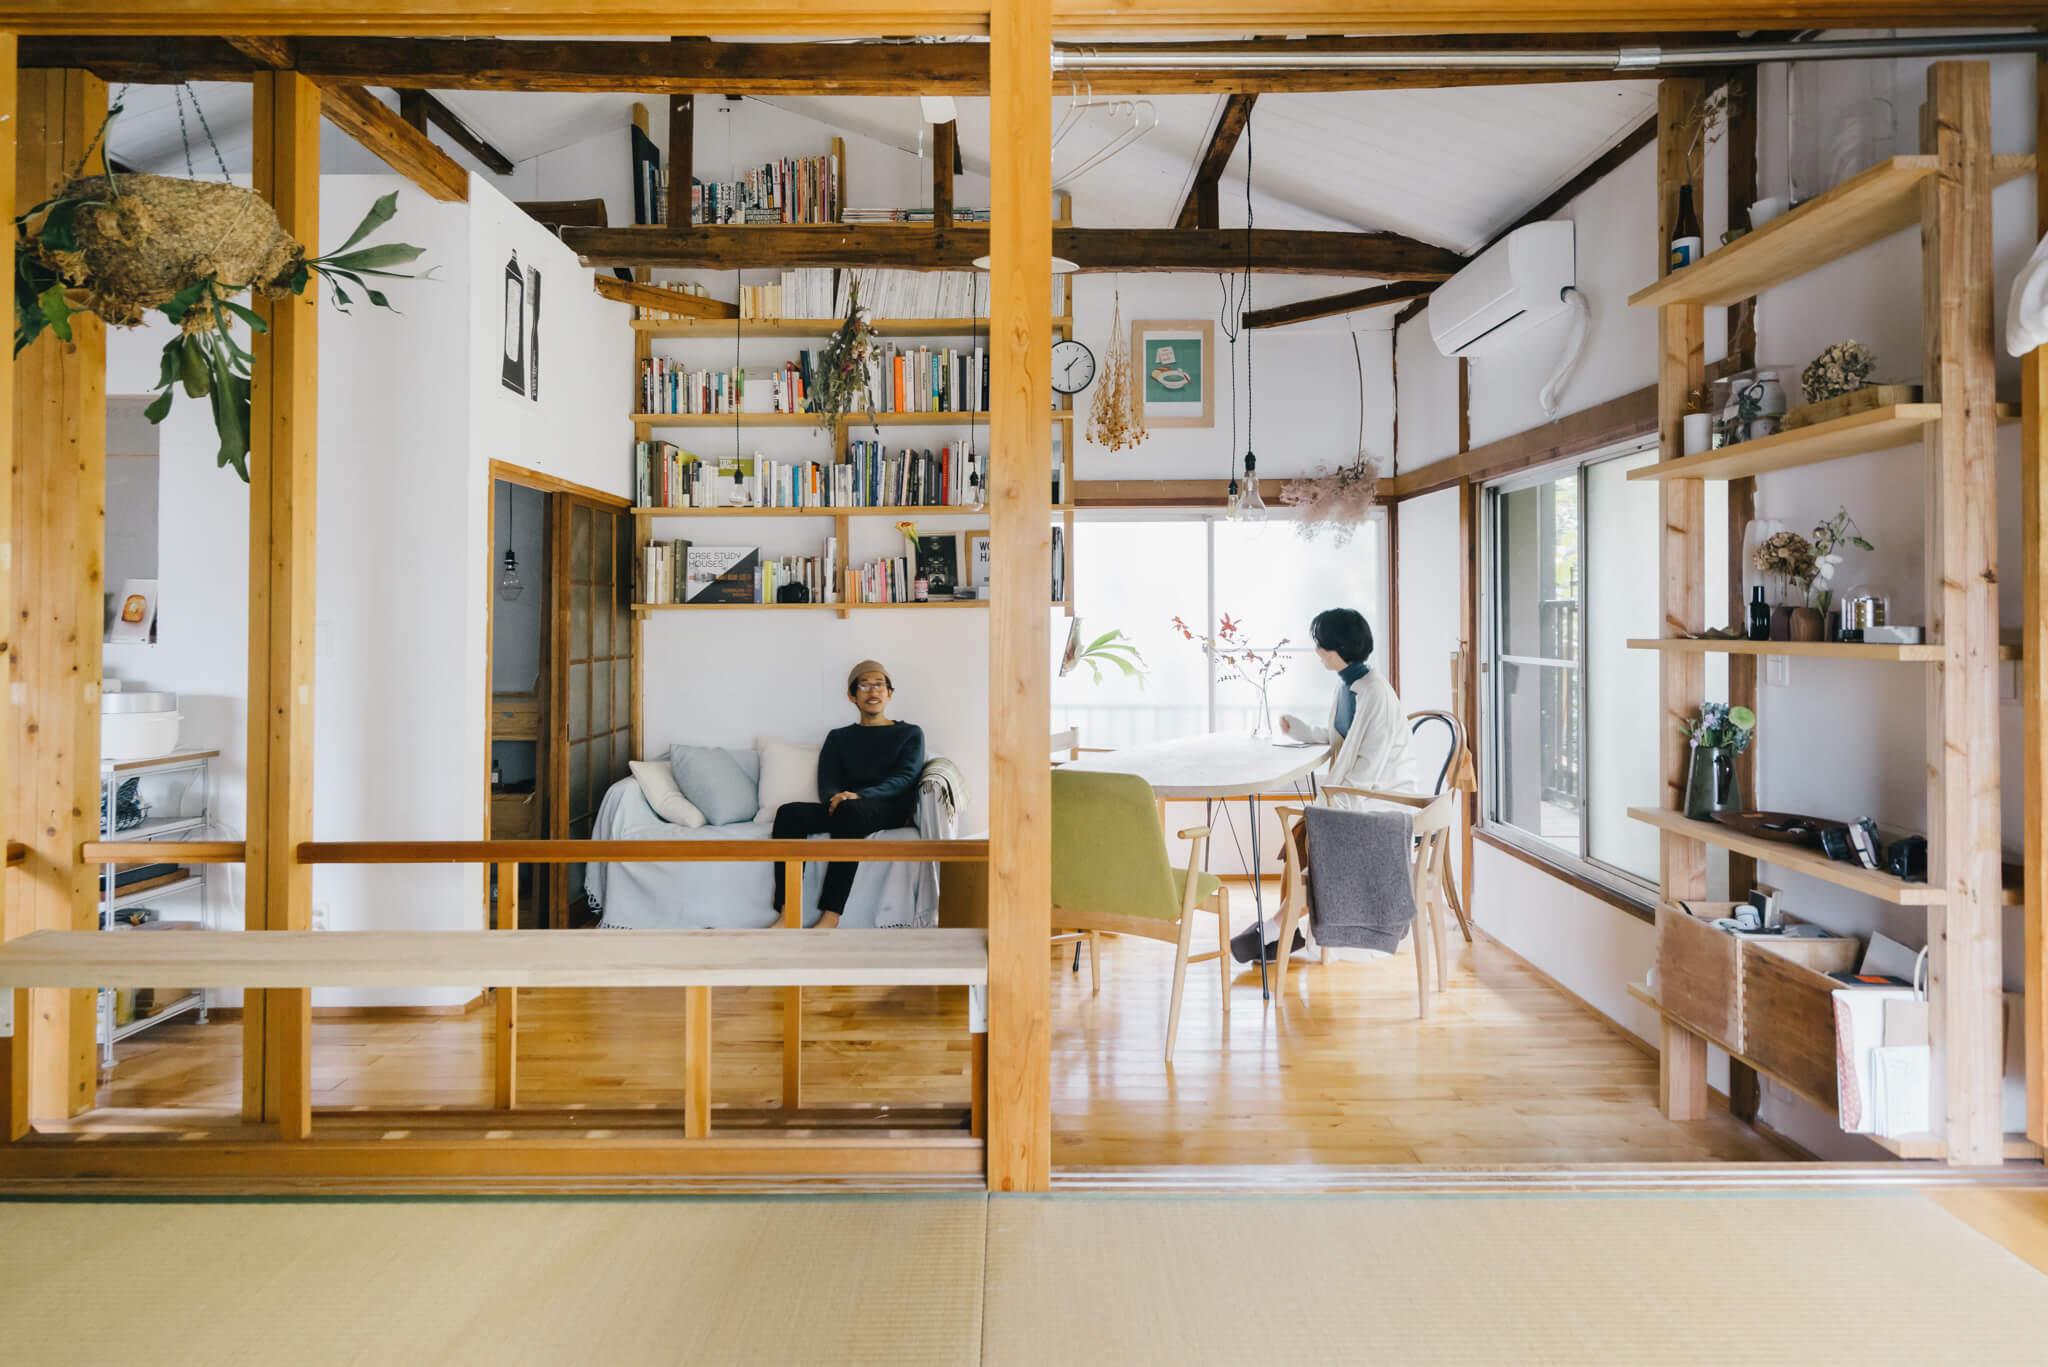 このお部屋の主は、編集のお仕事をされている緑川彩さんと、家具職人の平塚剛史さん。お部屋のDIYが大好きな緑川さん、自分たちで手を加えられることが条件でお部屋を探していて、見つけたのがここ。天井が高く開放的な間取りや、水回りのスペースには既に手がいれられていて、壁や天井を白く塗ったり、新しく収納を取り付けたりと、さらに暮らしやすく工夫を加えました。